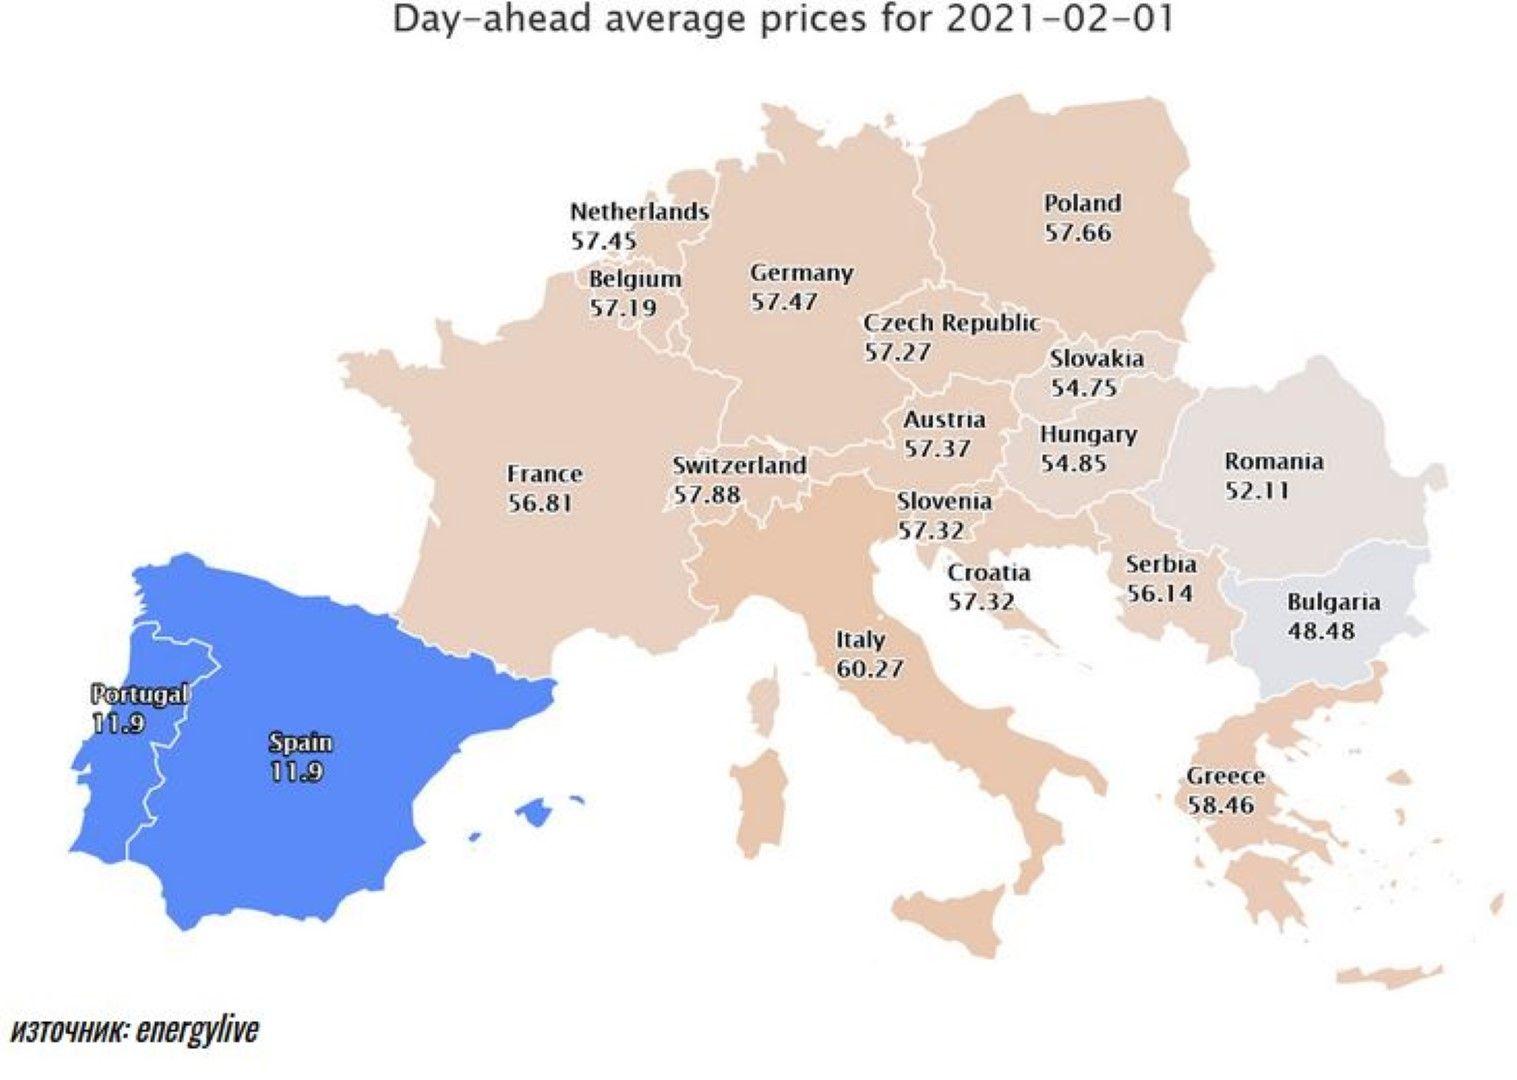 Цени на пазар на електроенергия Ден напред, 1 февруари 2021 г.